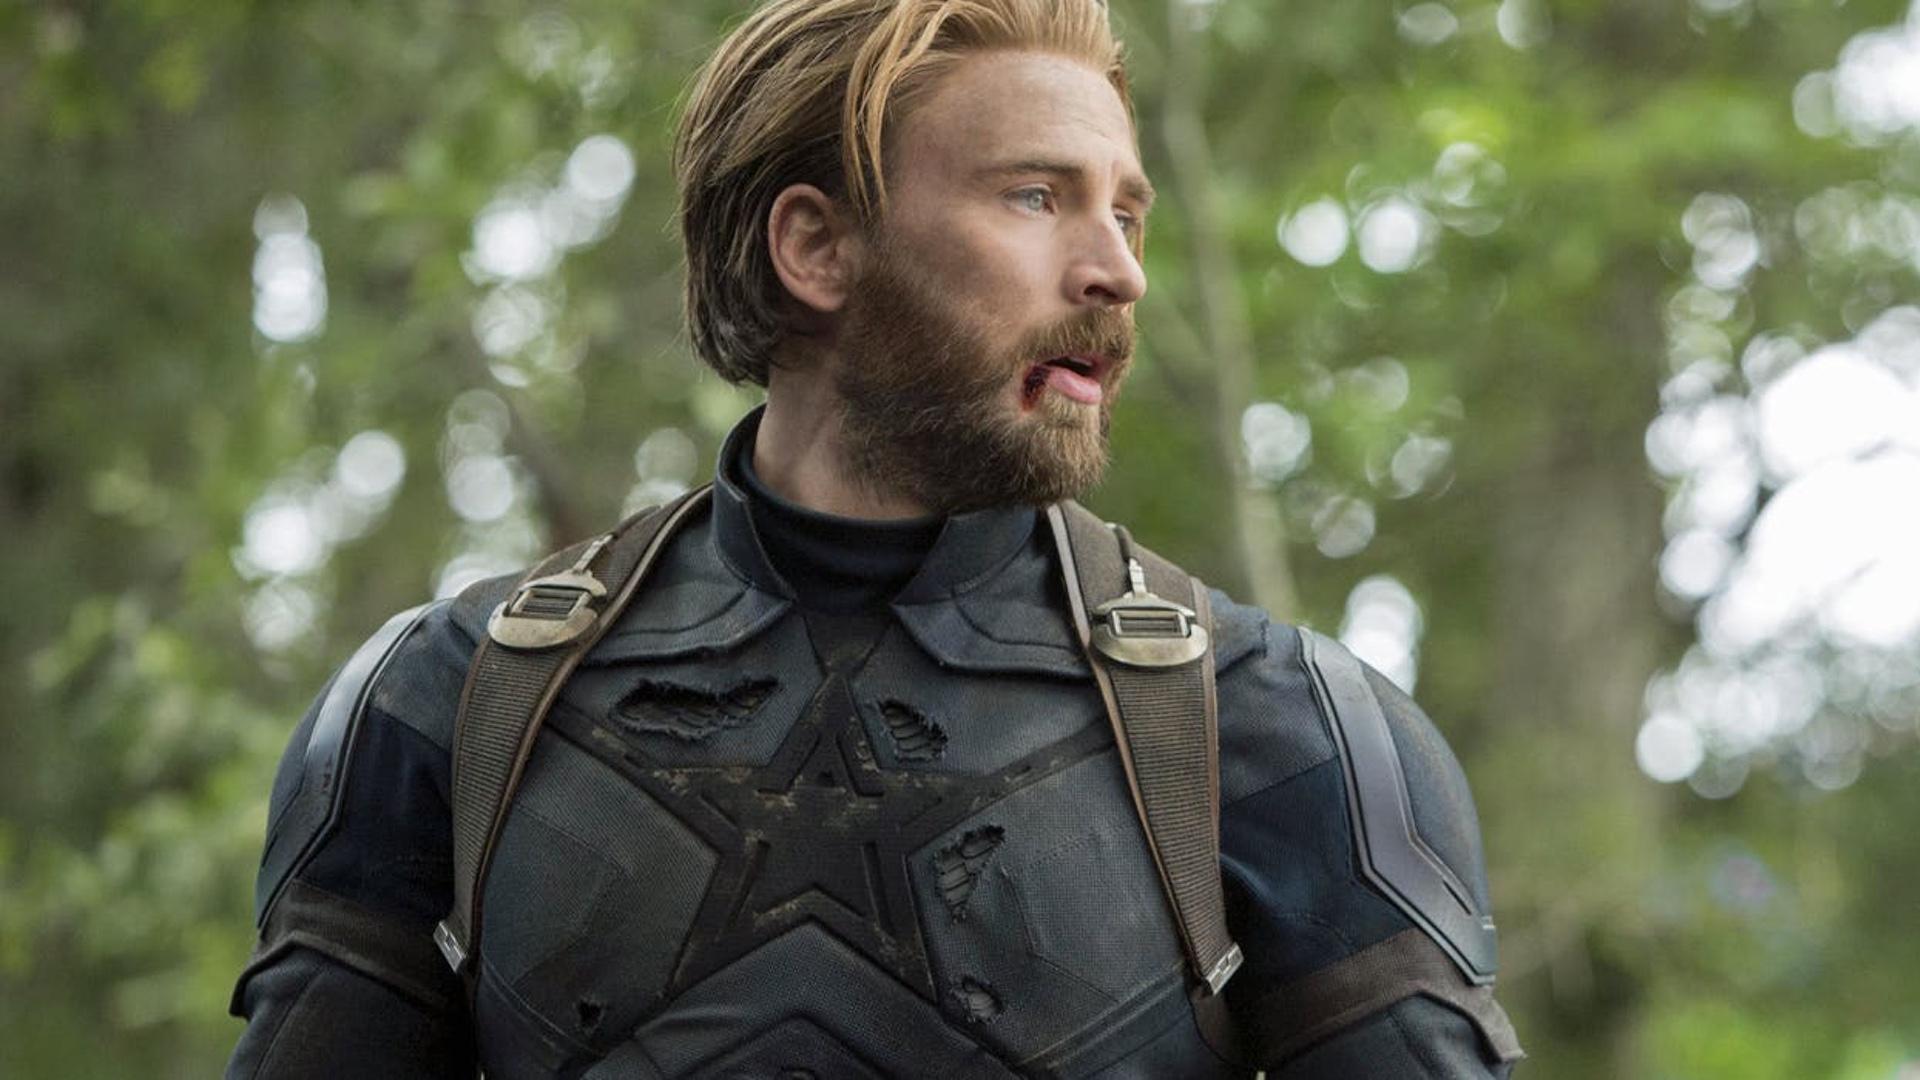 Captain-America-avengers-4